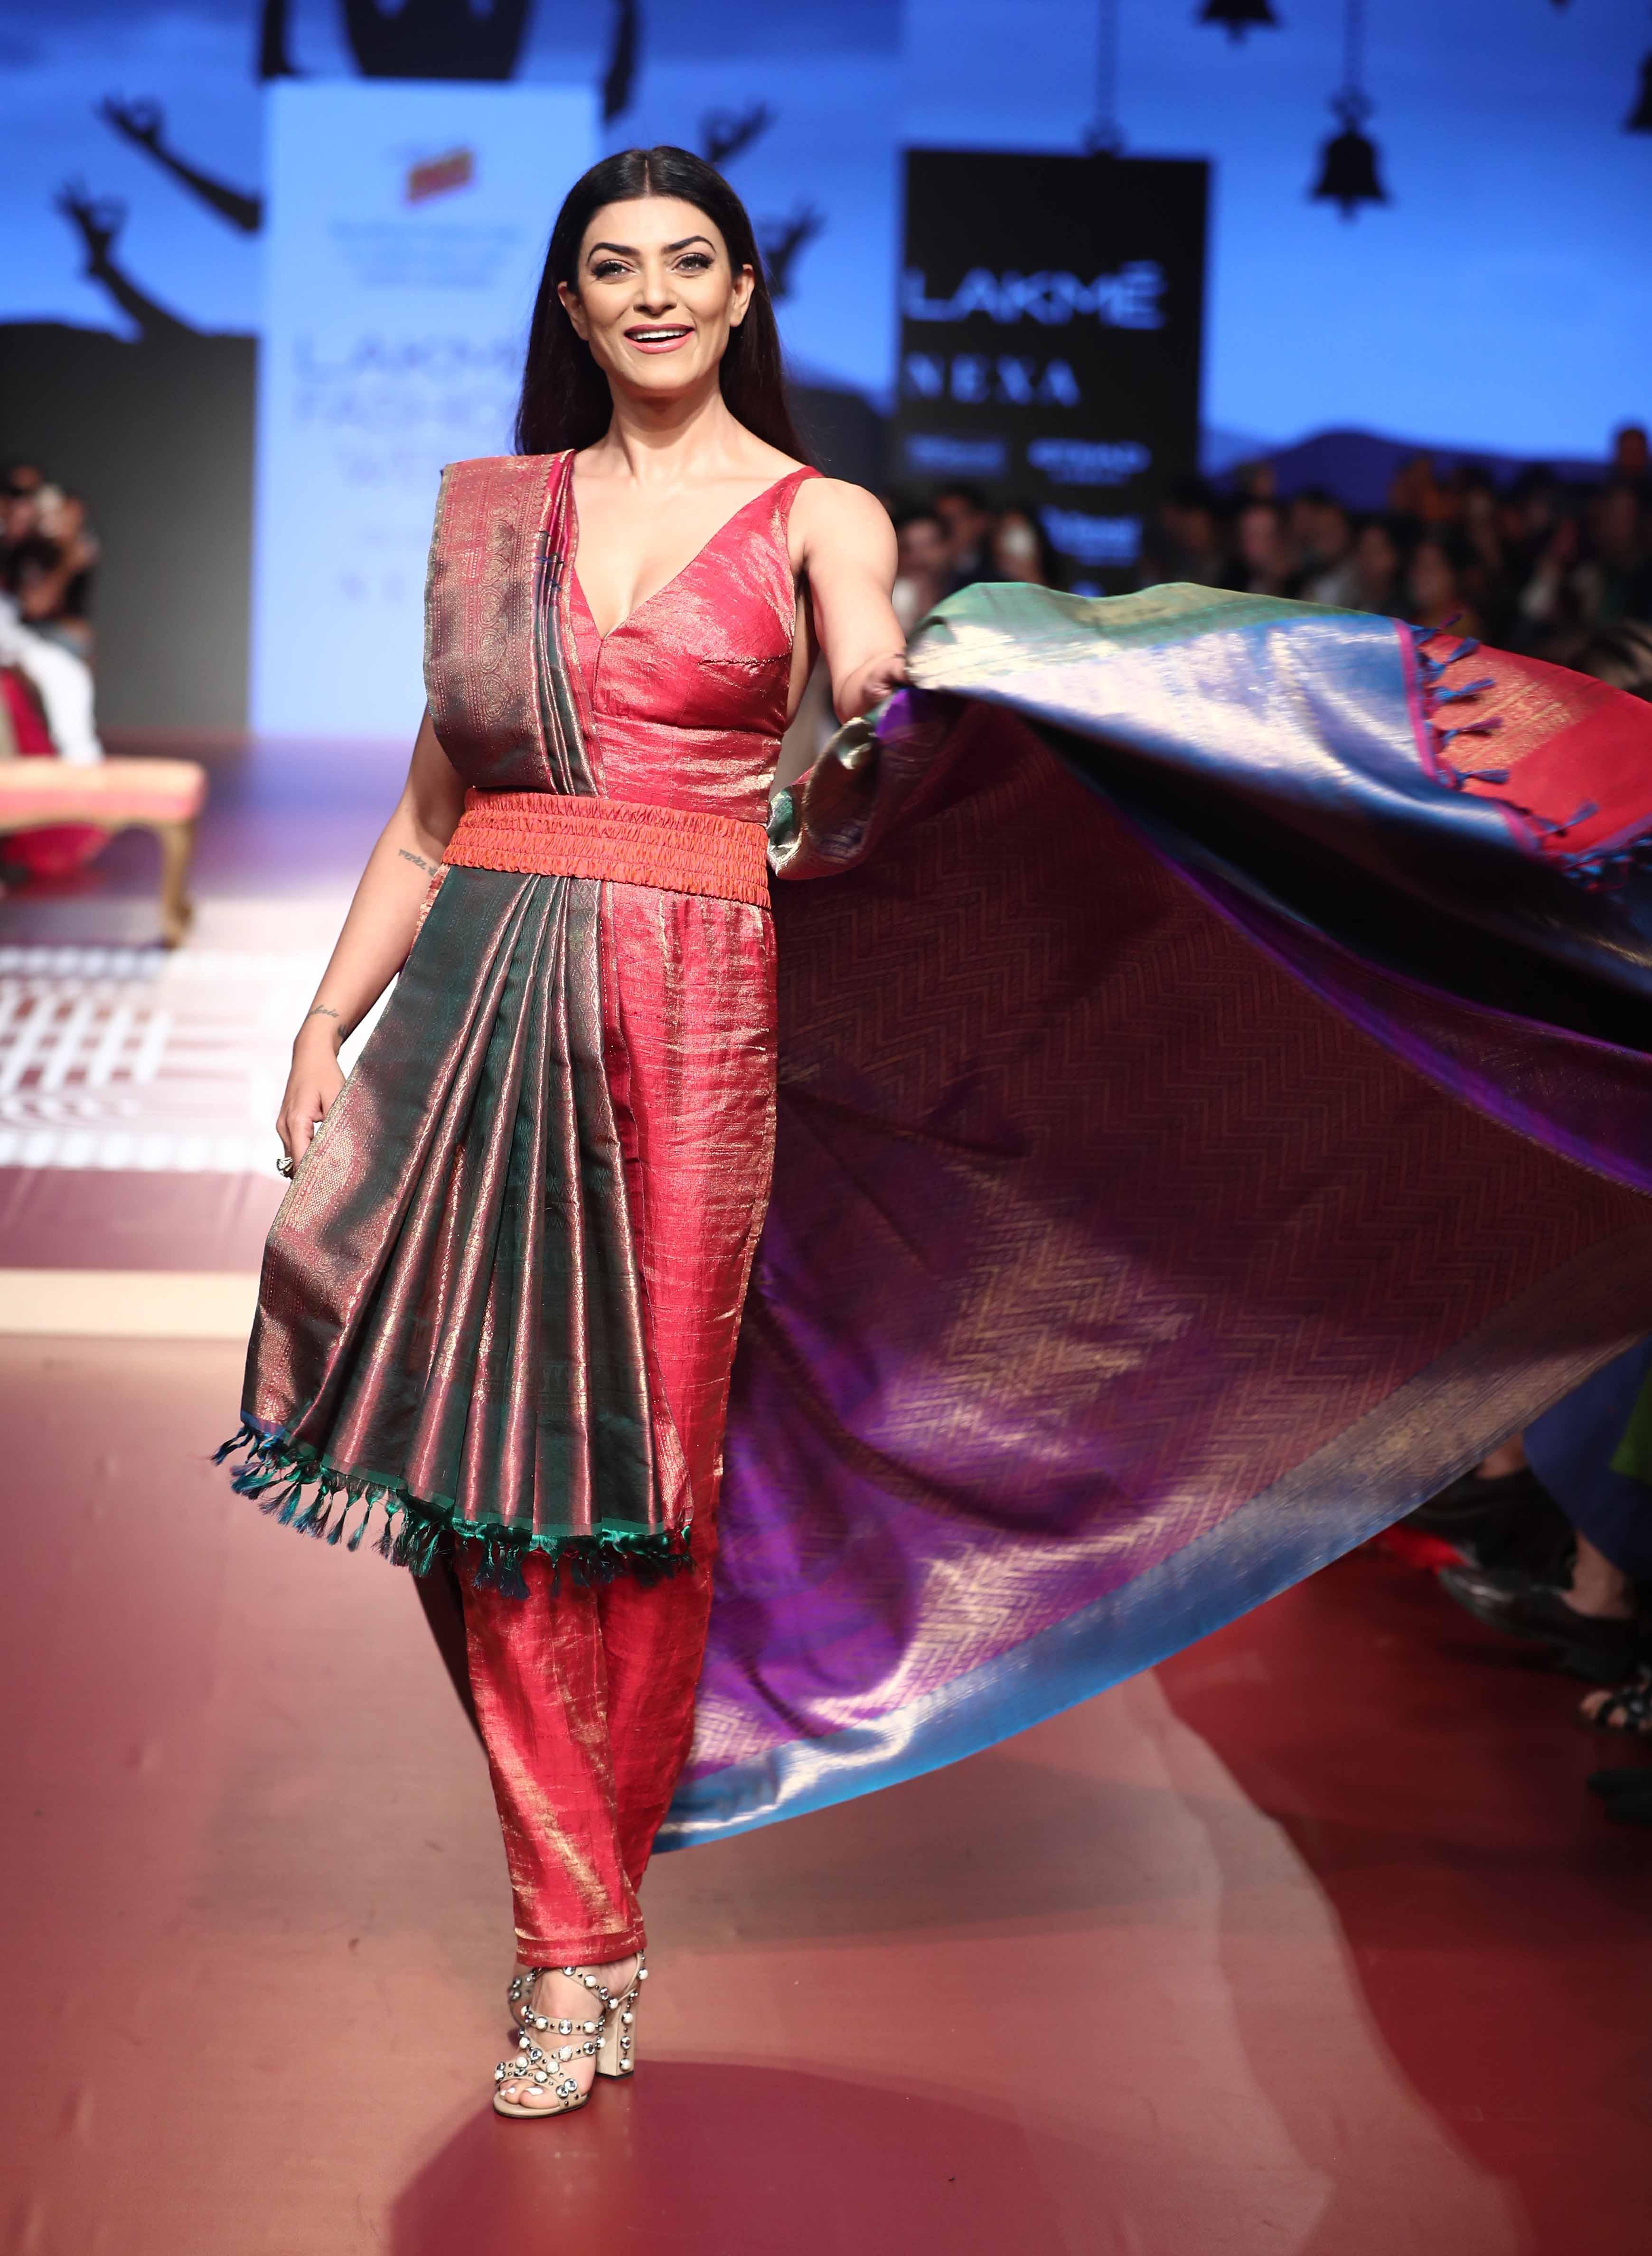 Sushmita Sen at the RmKV X Sunita Shanker show at Lakme Fashion Week WF18